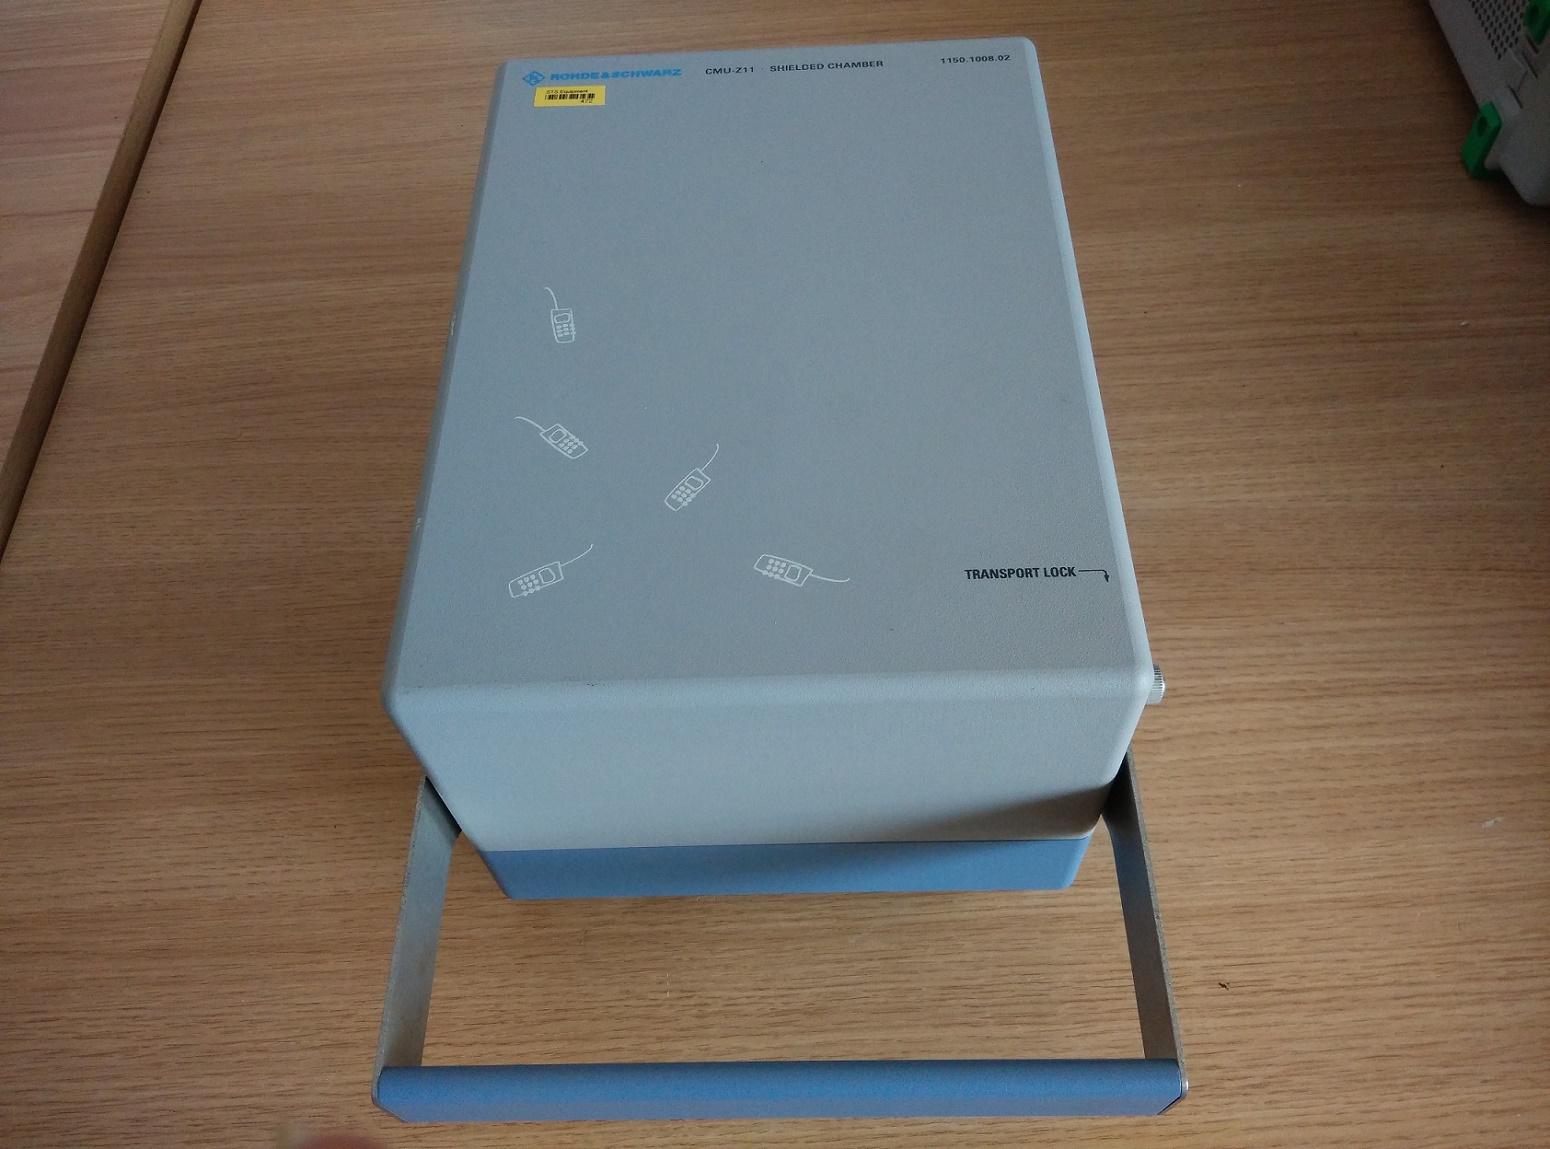 现货促销/成色新 R&S/CMU-Z11 RF天线耦合器 CMU-Z11屏蔽箱